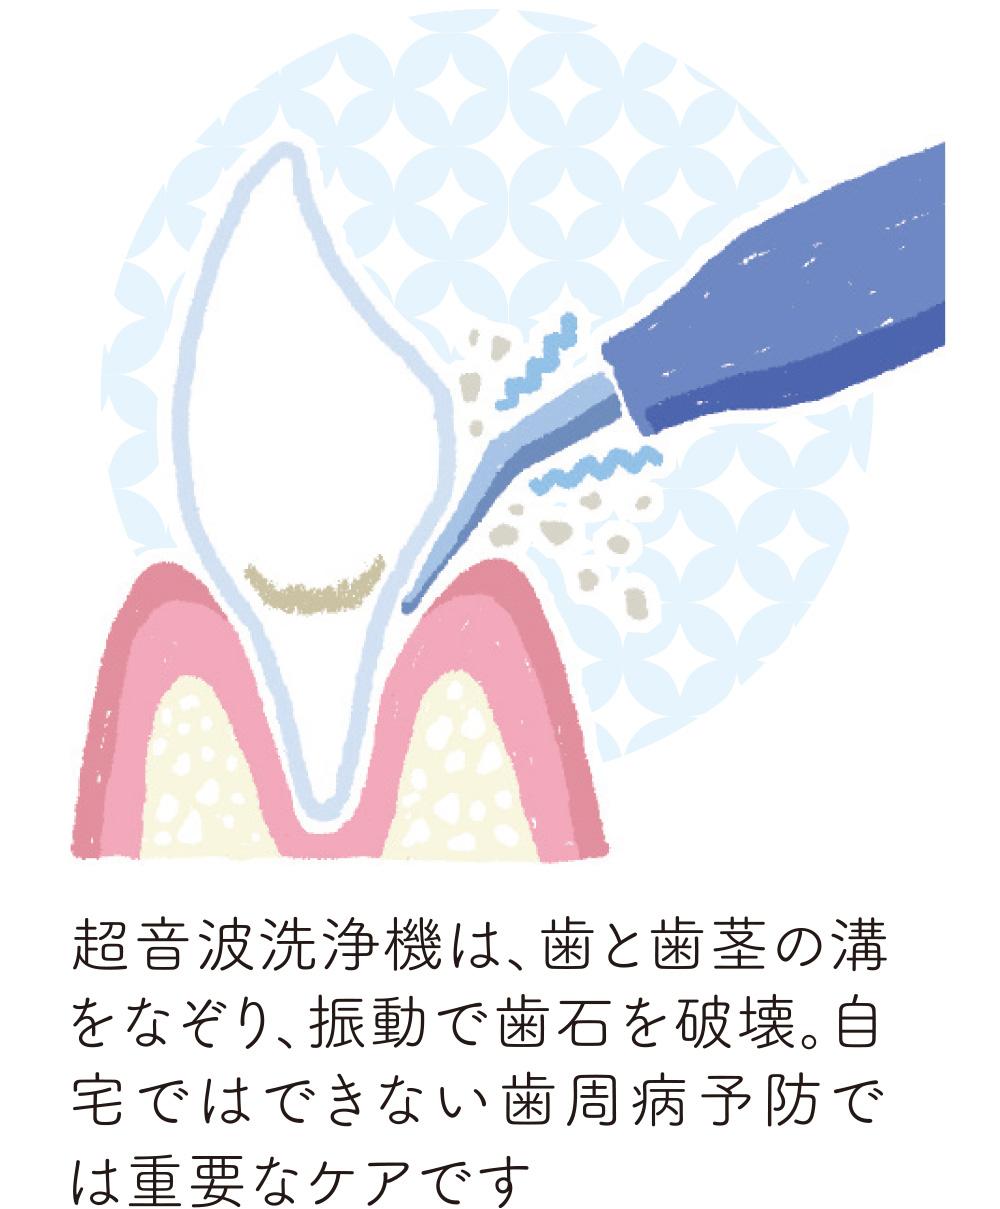 超音波洗浄機は、歯と歯茎の溝をなぞり、振動で歯石を破壊。自宅ではできない歯周病予防では重要なケアです